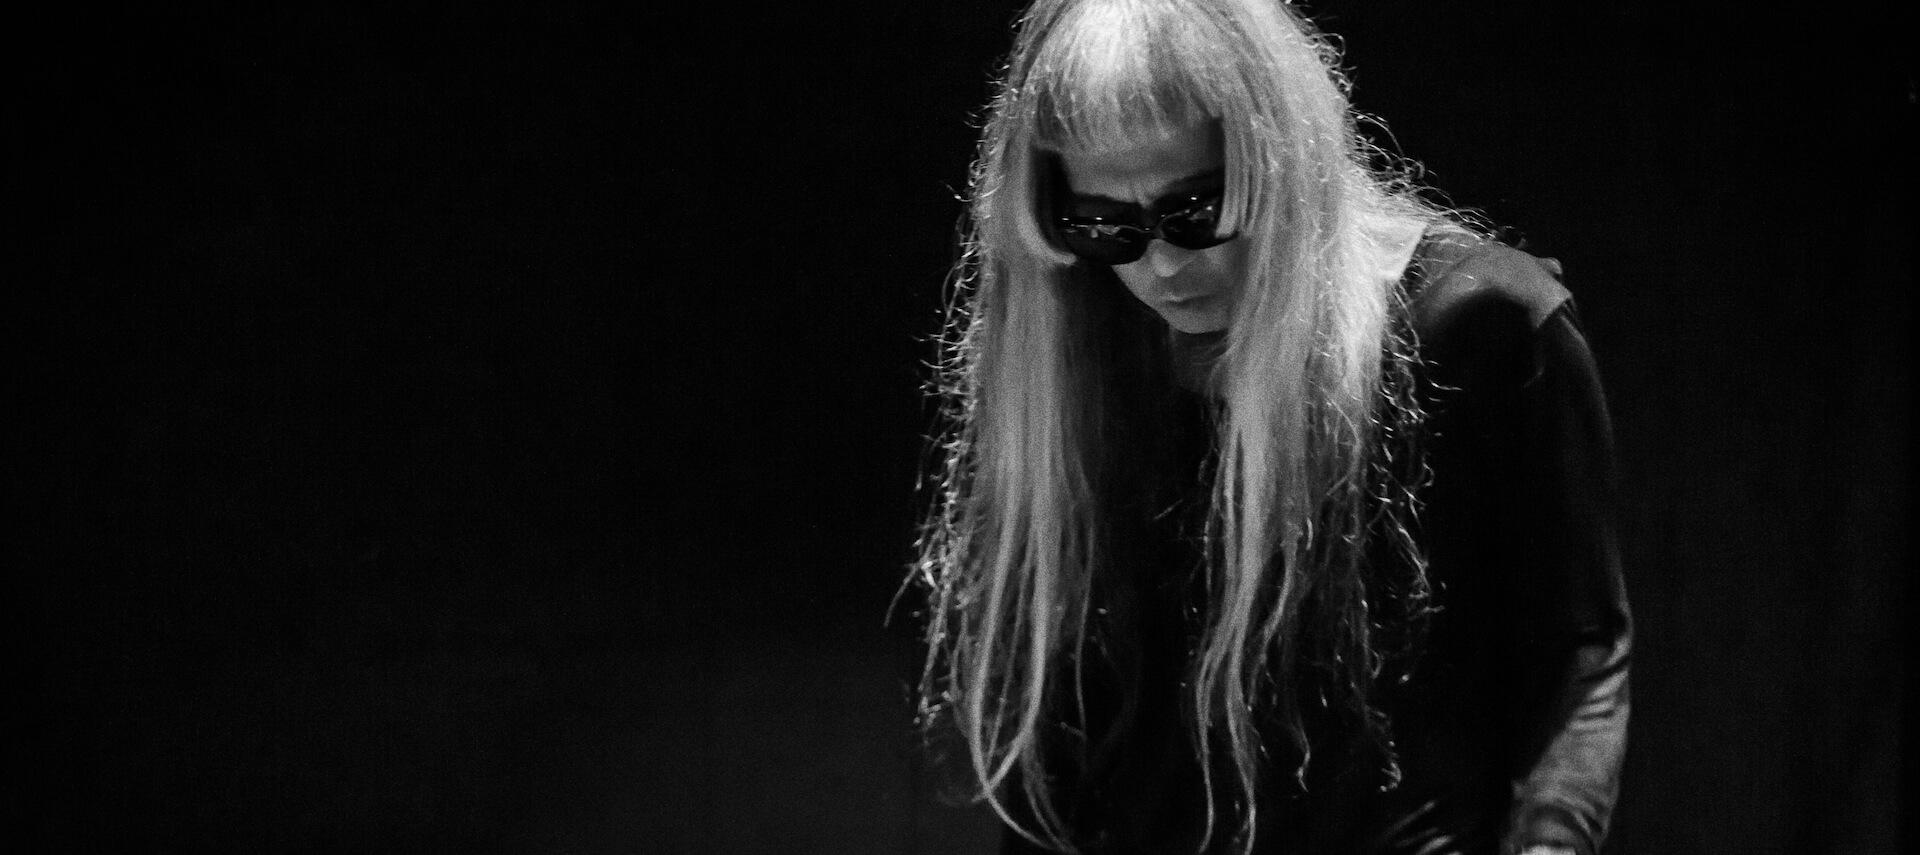 灰野敬二と蓮沼執太による貴重なコラボレーションライブがWWW Xにて開催決定!東京で初のセッション music210416_uta-2104016_2